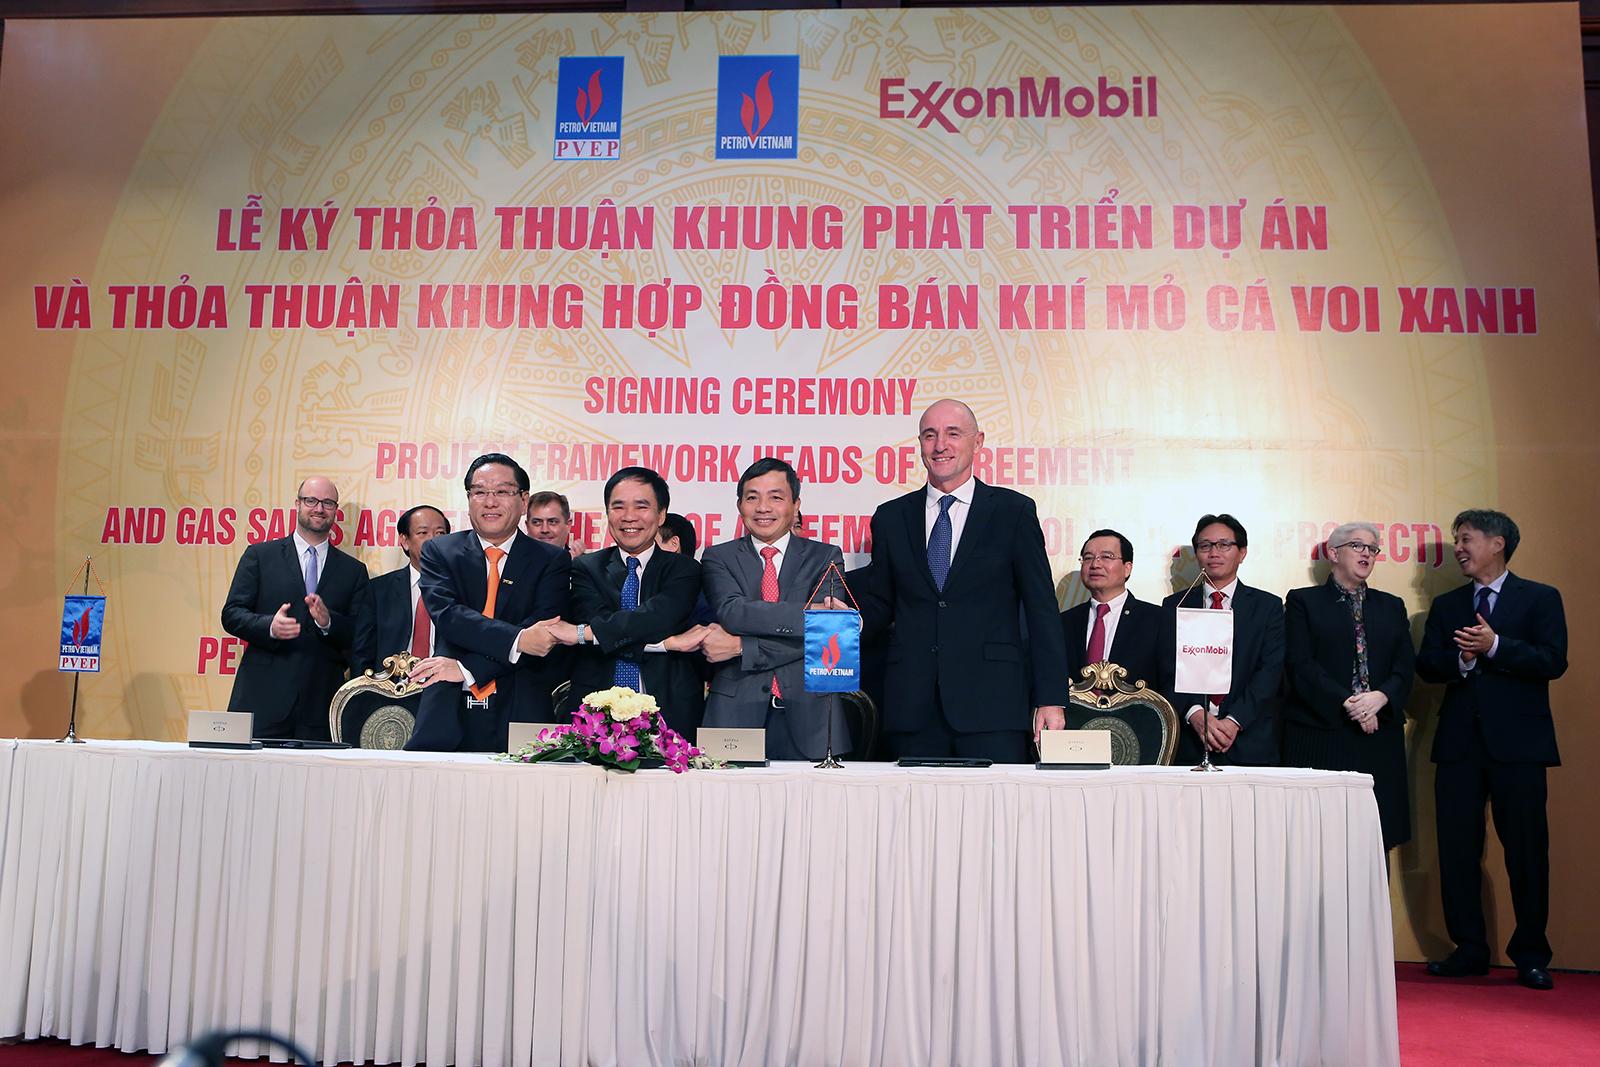 Dự án khí đốt của Exxon Mobil ở Việt Nam có thể bắt đầu trong tháng 11